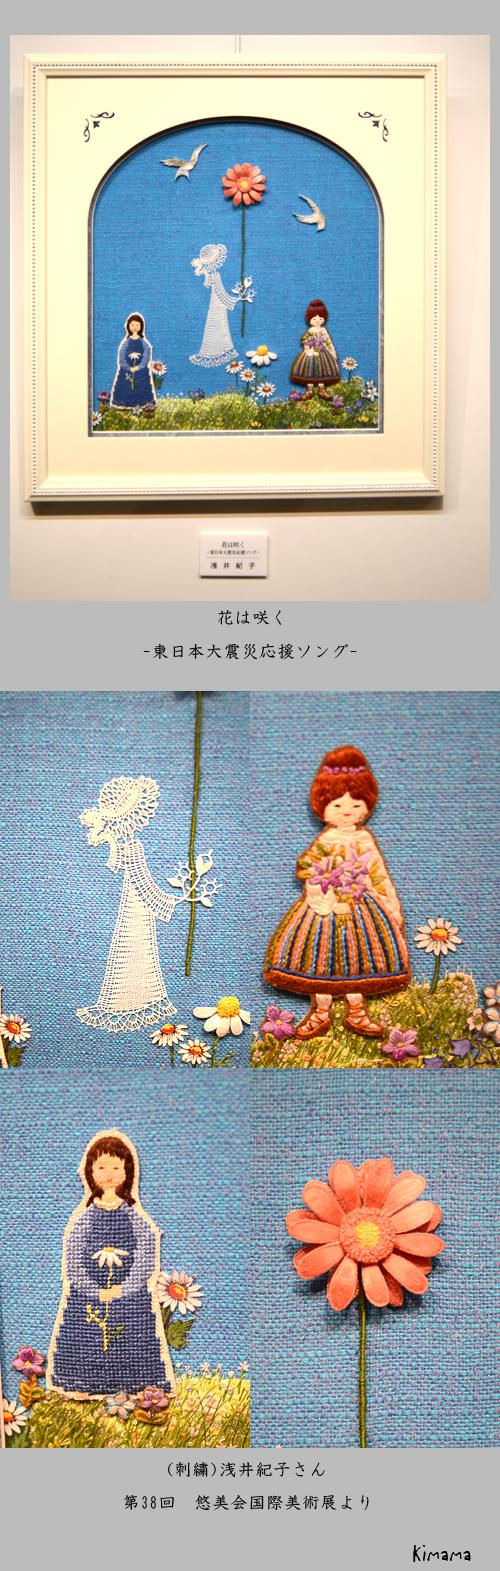 6月12日上野2